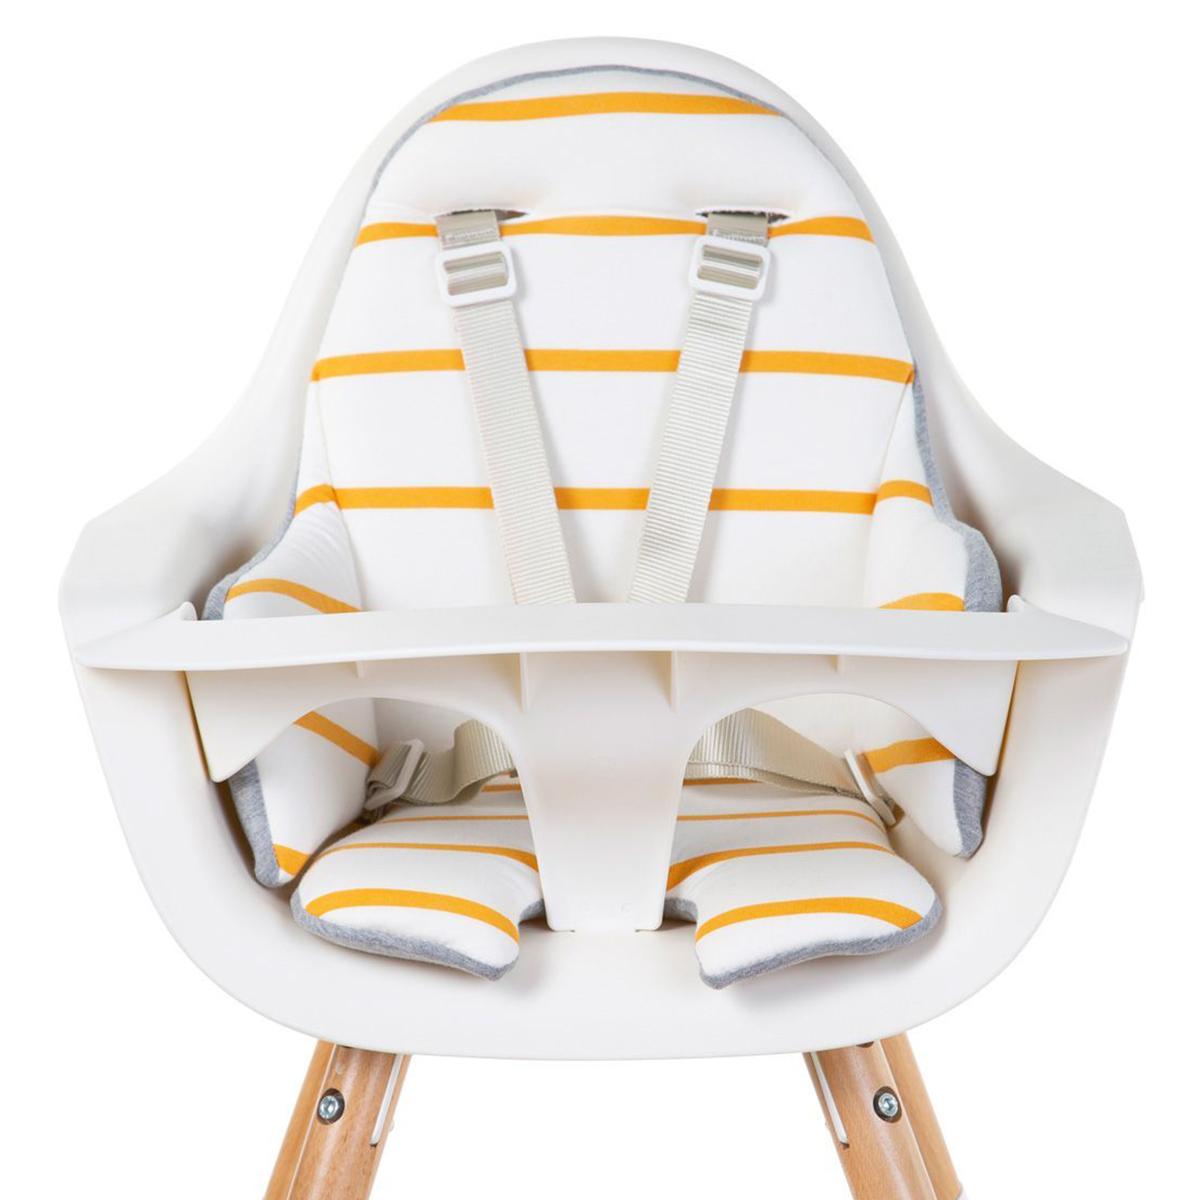 Chaise haute Coussin de Chaise Haute Jersey - Ochre Stripes Coussin de Chaise Haute Jersey - Ochre Stripes